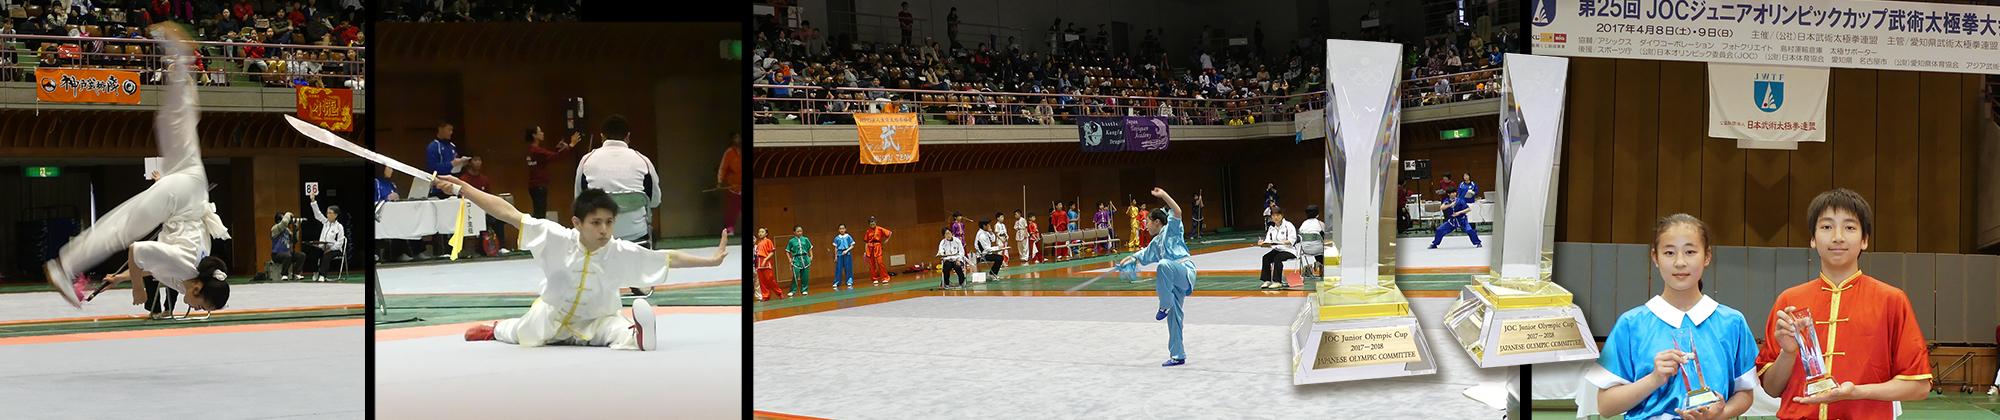 ジュニア オリンピック 中止